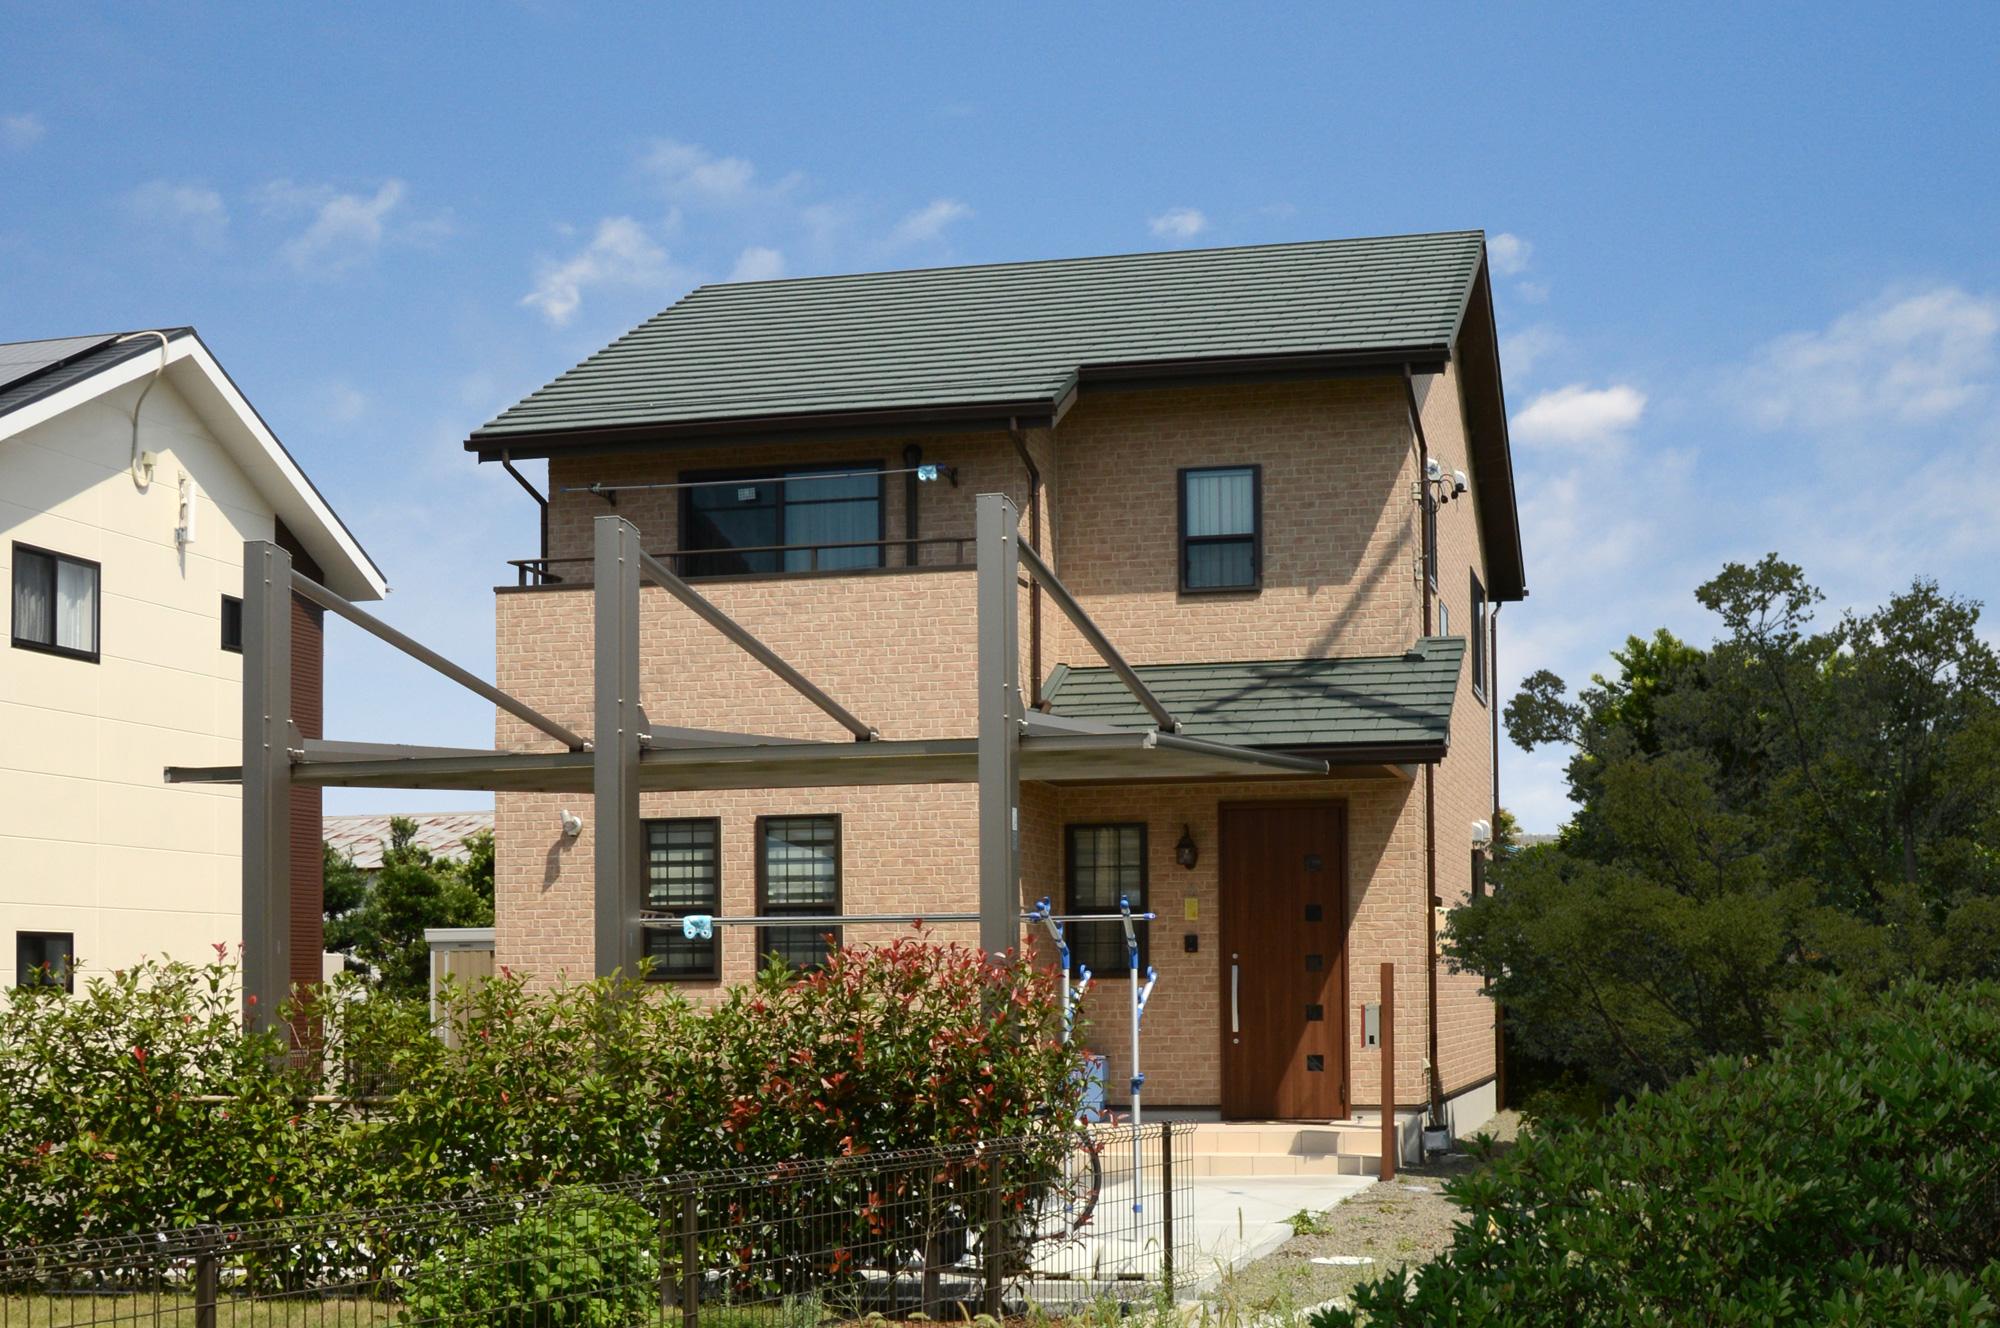 石目調の外壁とグリーンの屋根でオーセンティックな外観となりました。